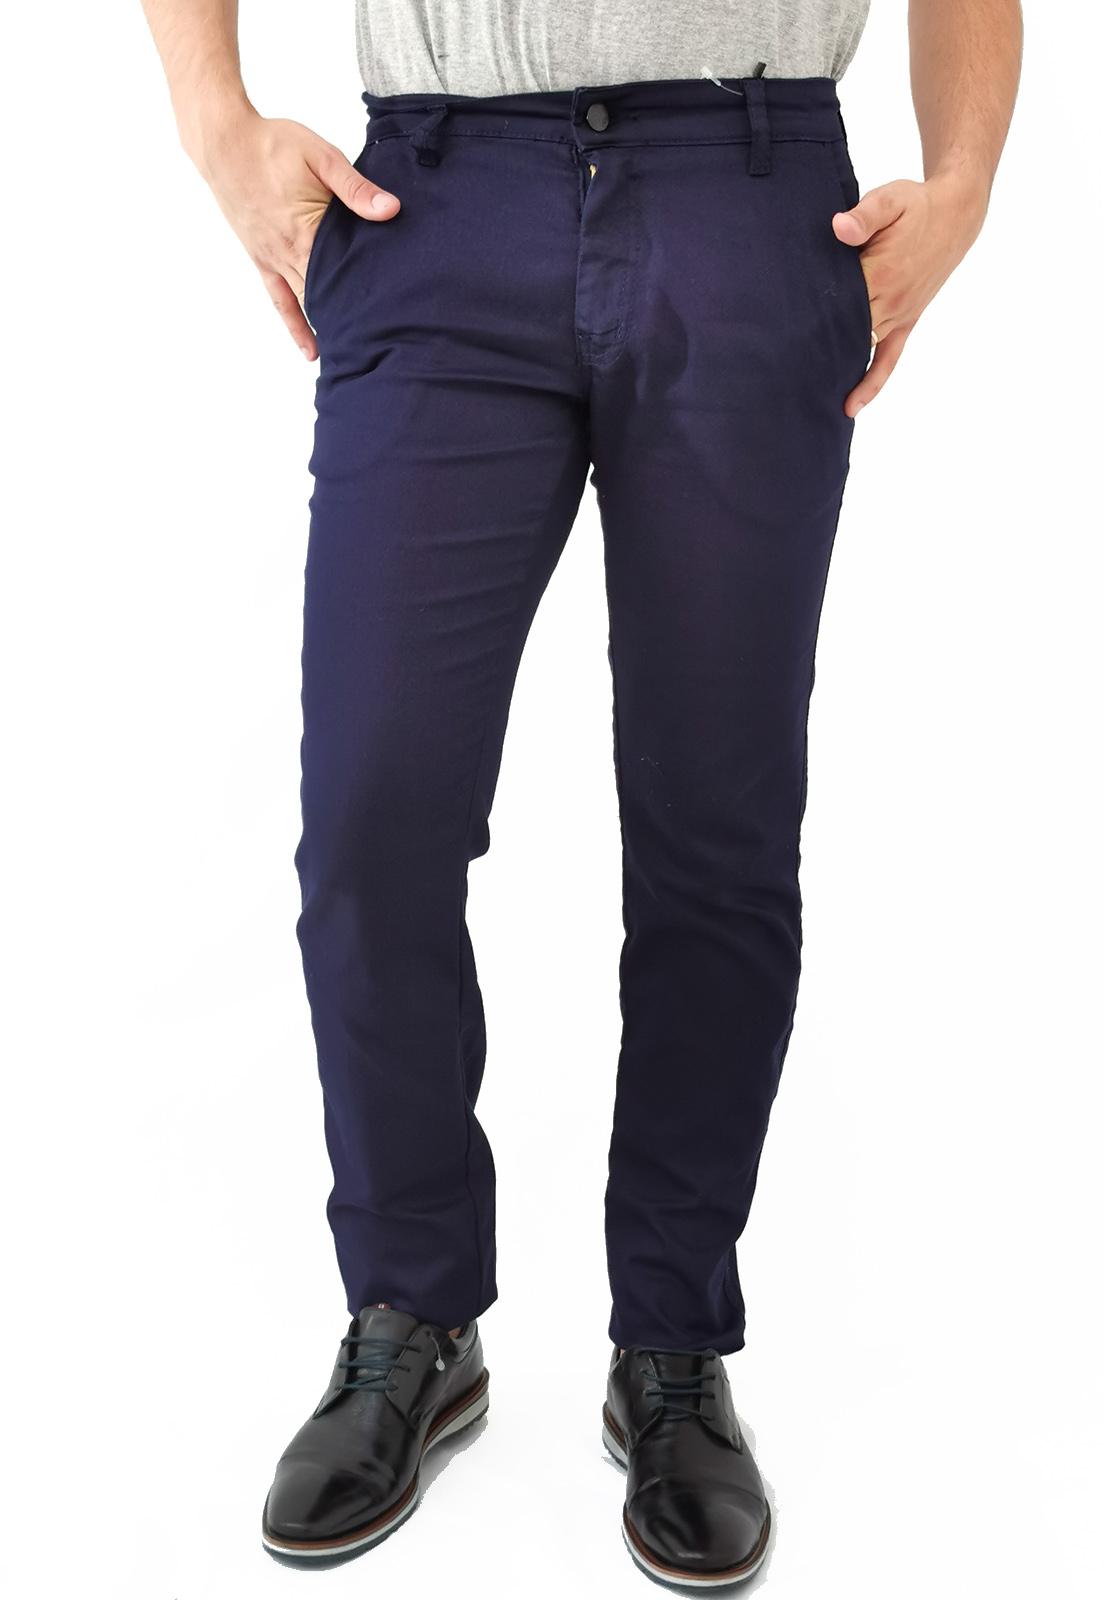 Calça Alfaiataria Pitt Azul Marinho